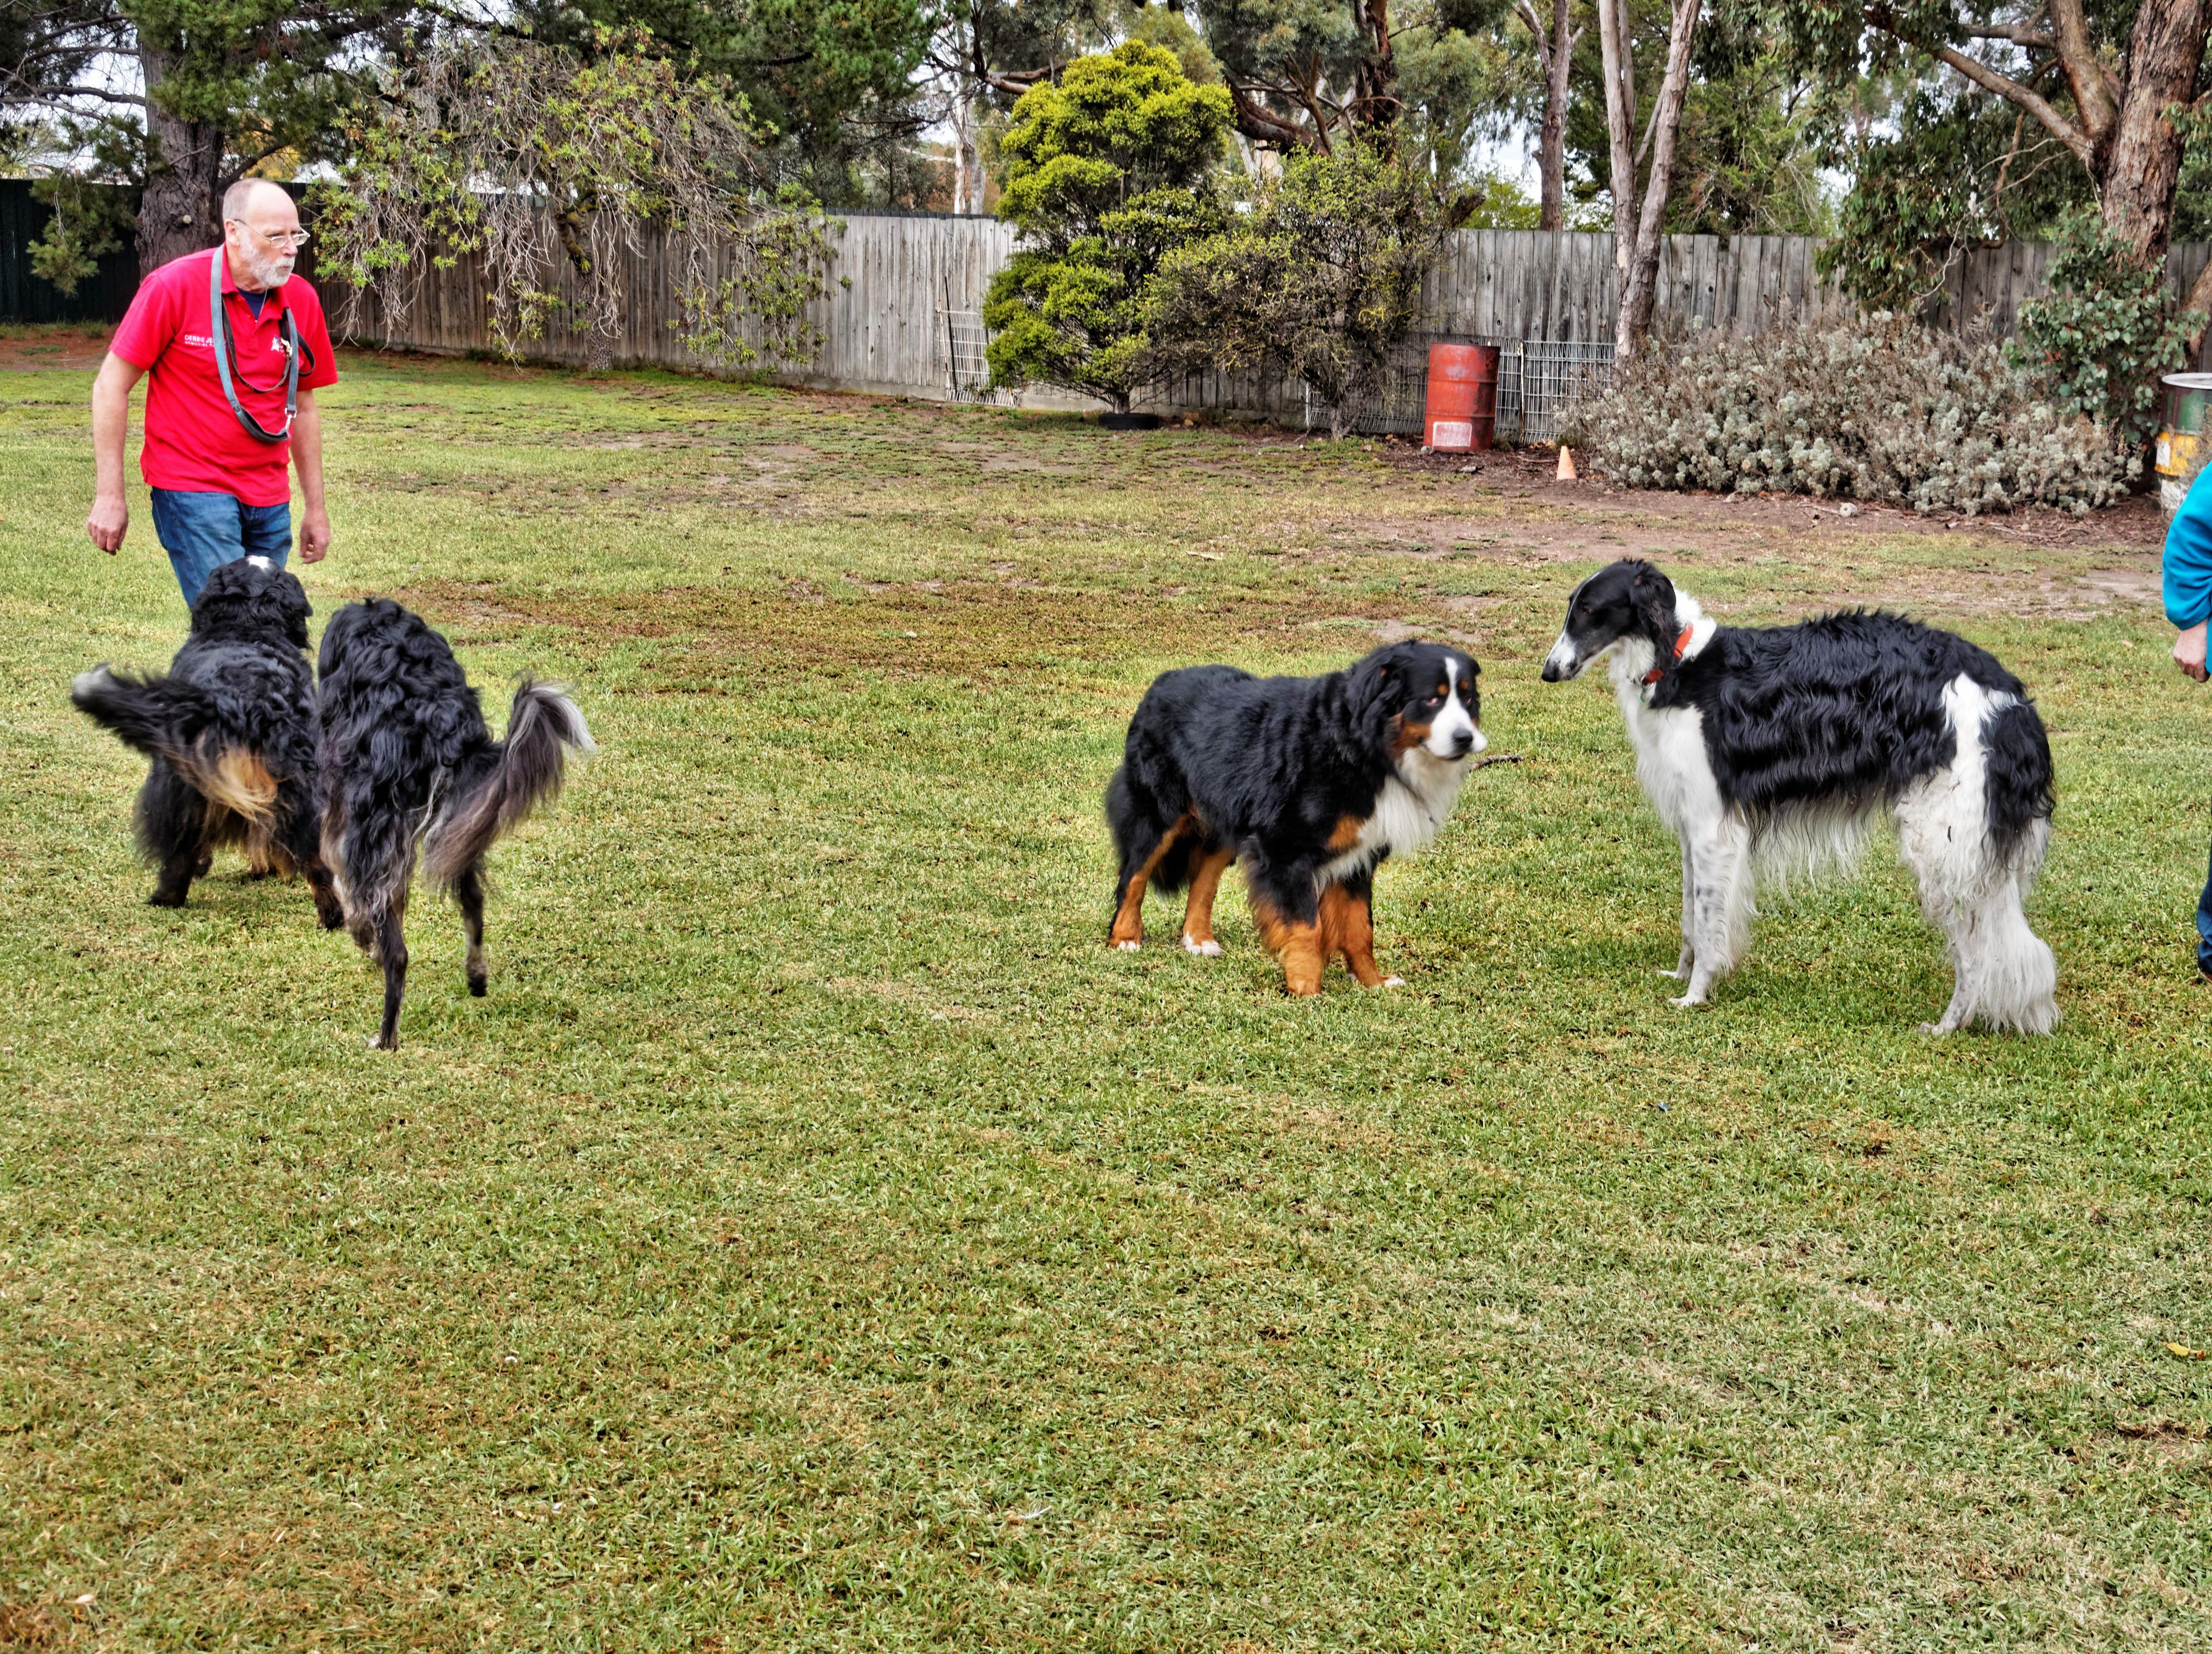 Dogs-playing-9.jpeg